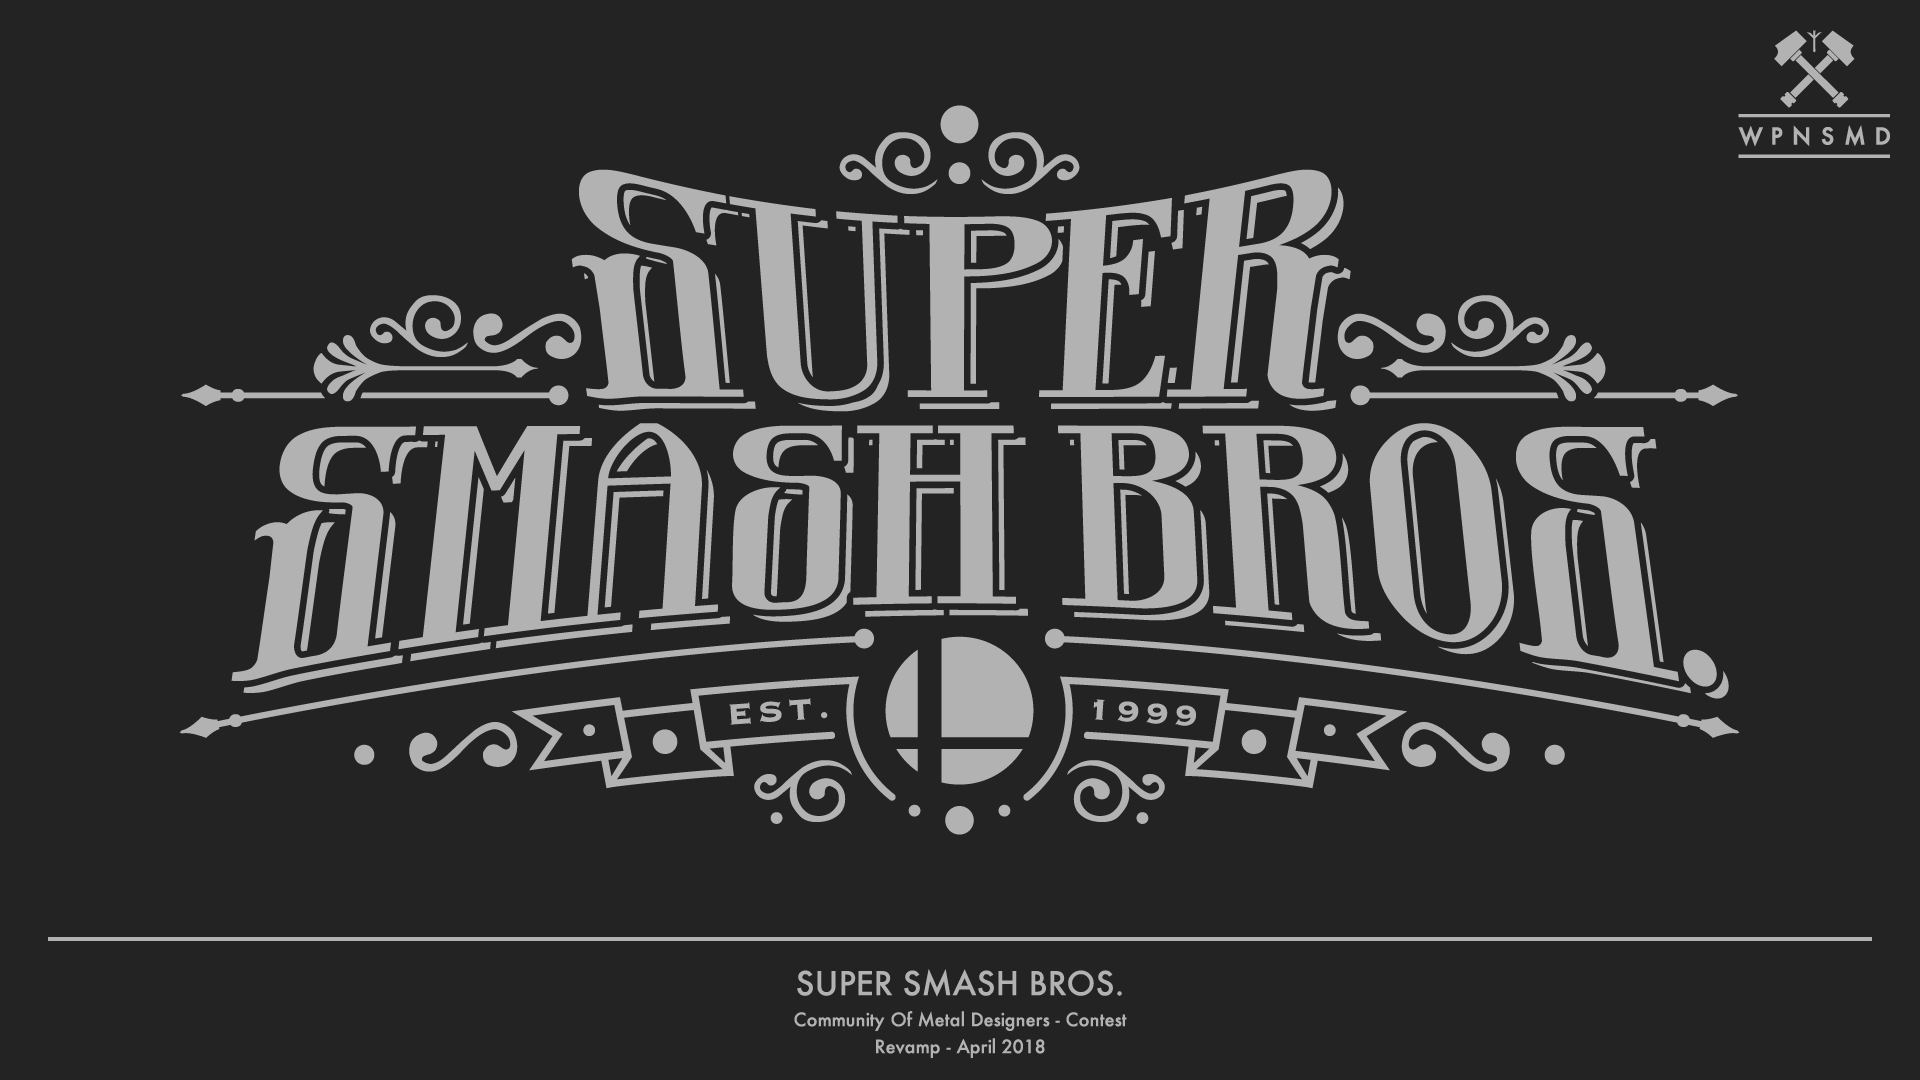 COMD_2_SuperSmashBros.jpg